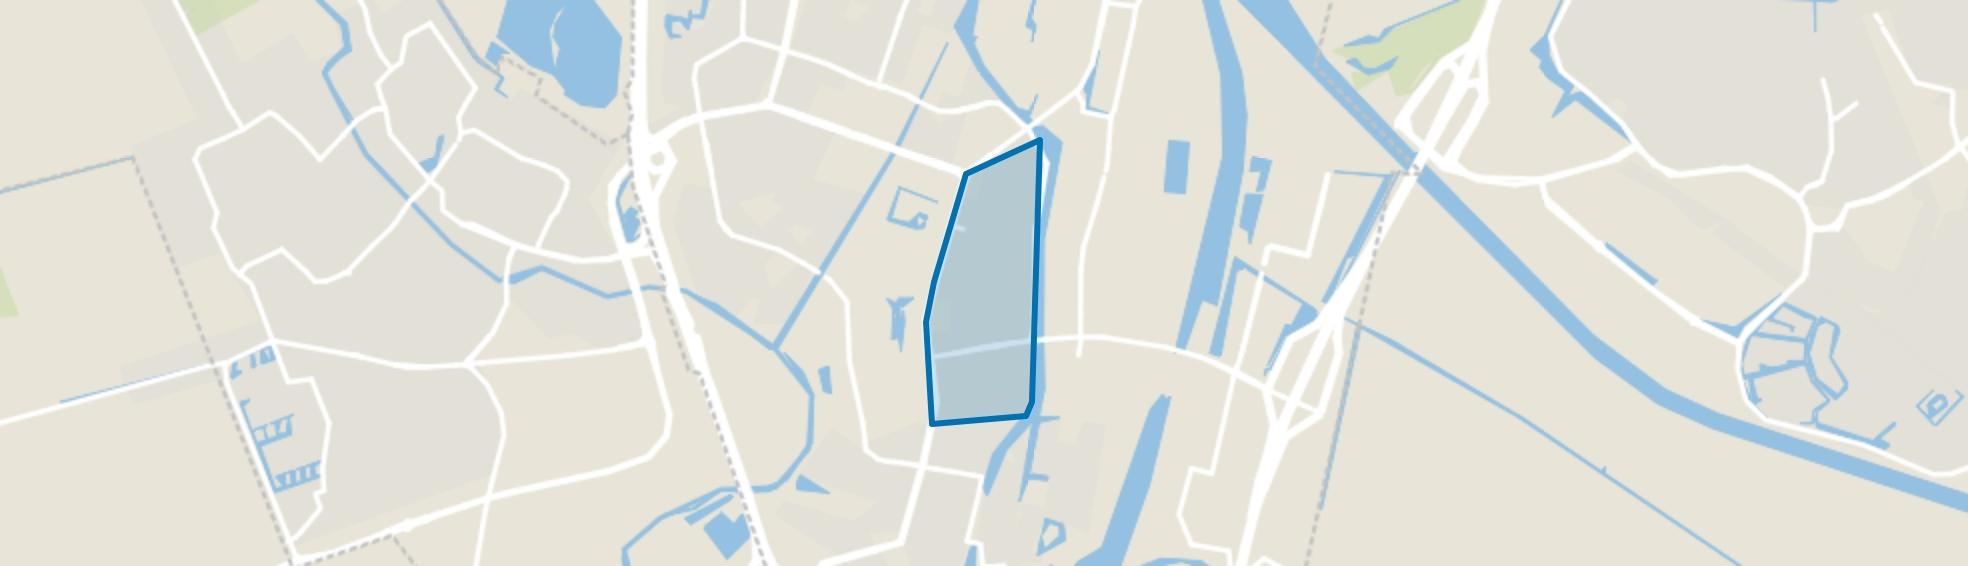 Fokkesteeg, Nieuwegein map